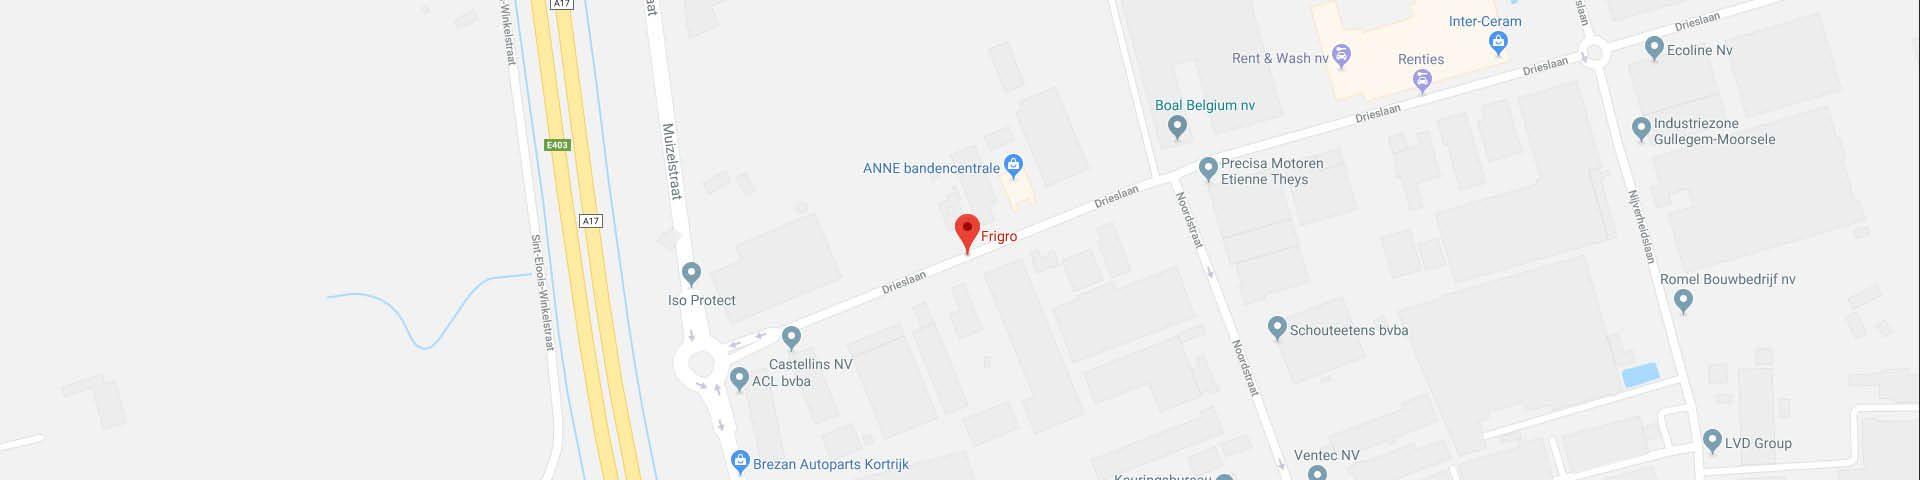 Frigro locatie op Google Maps